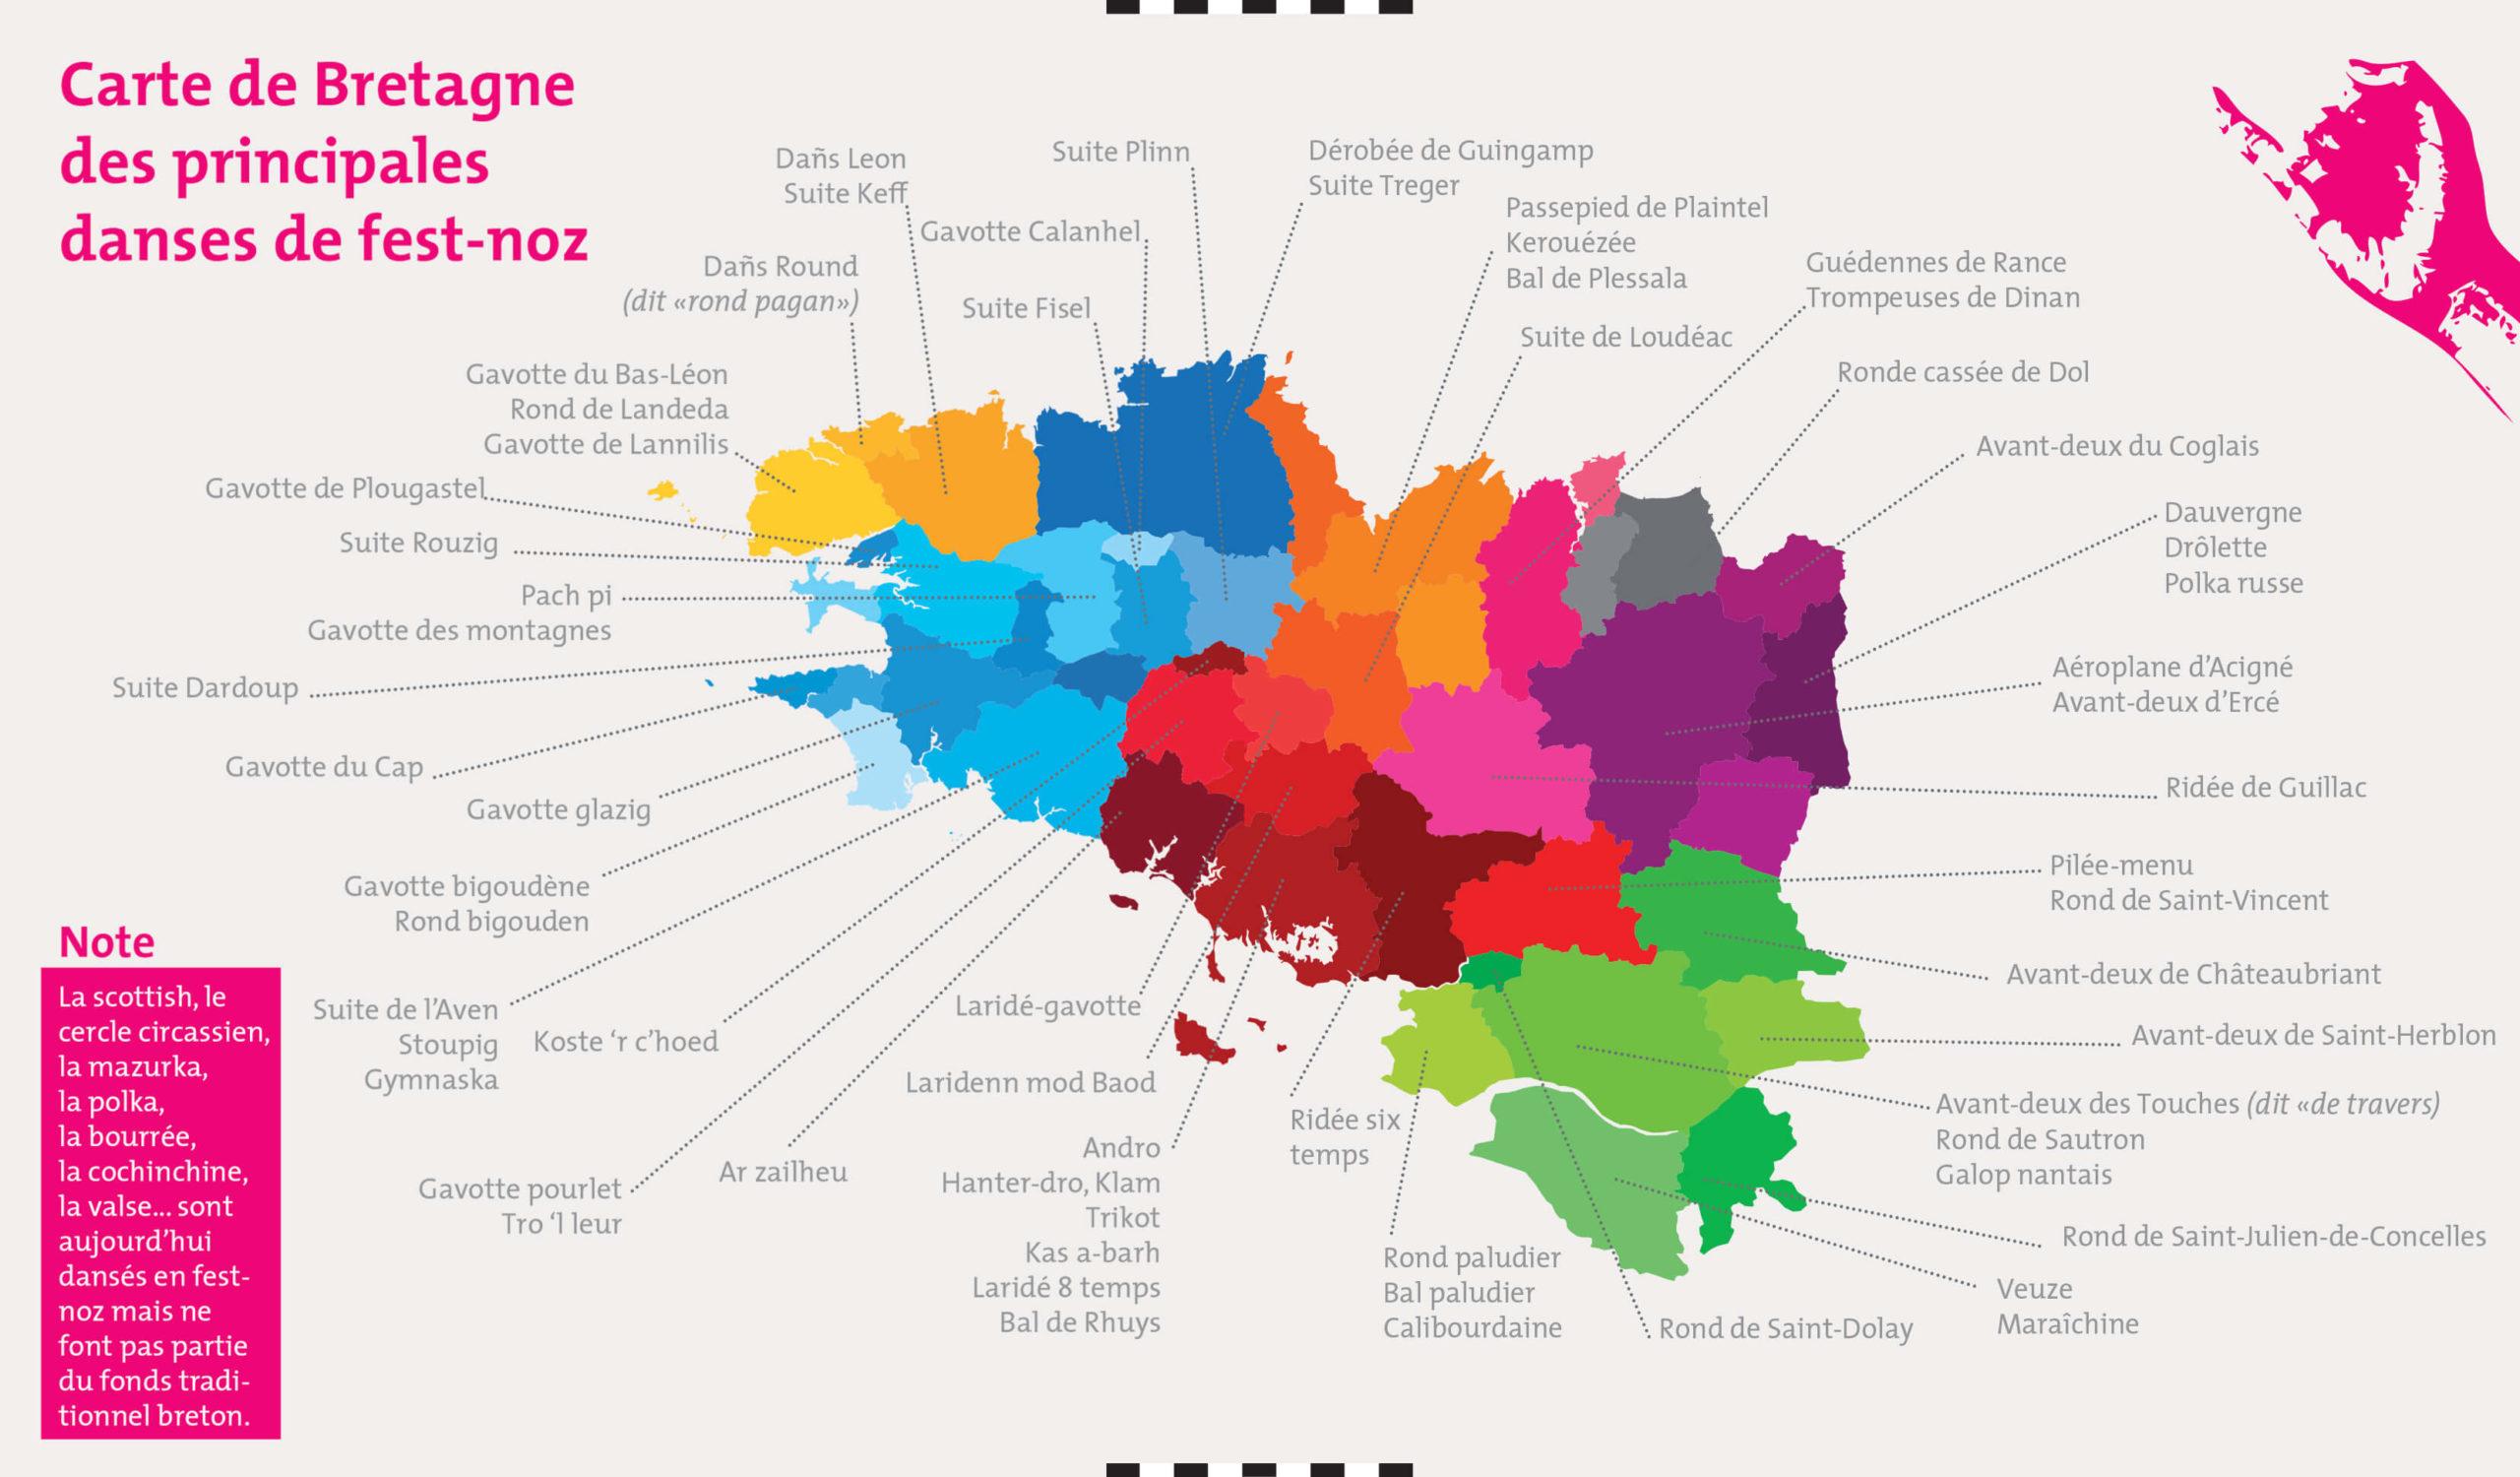 Carte de Bretagne des principales danses de fest-noz